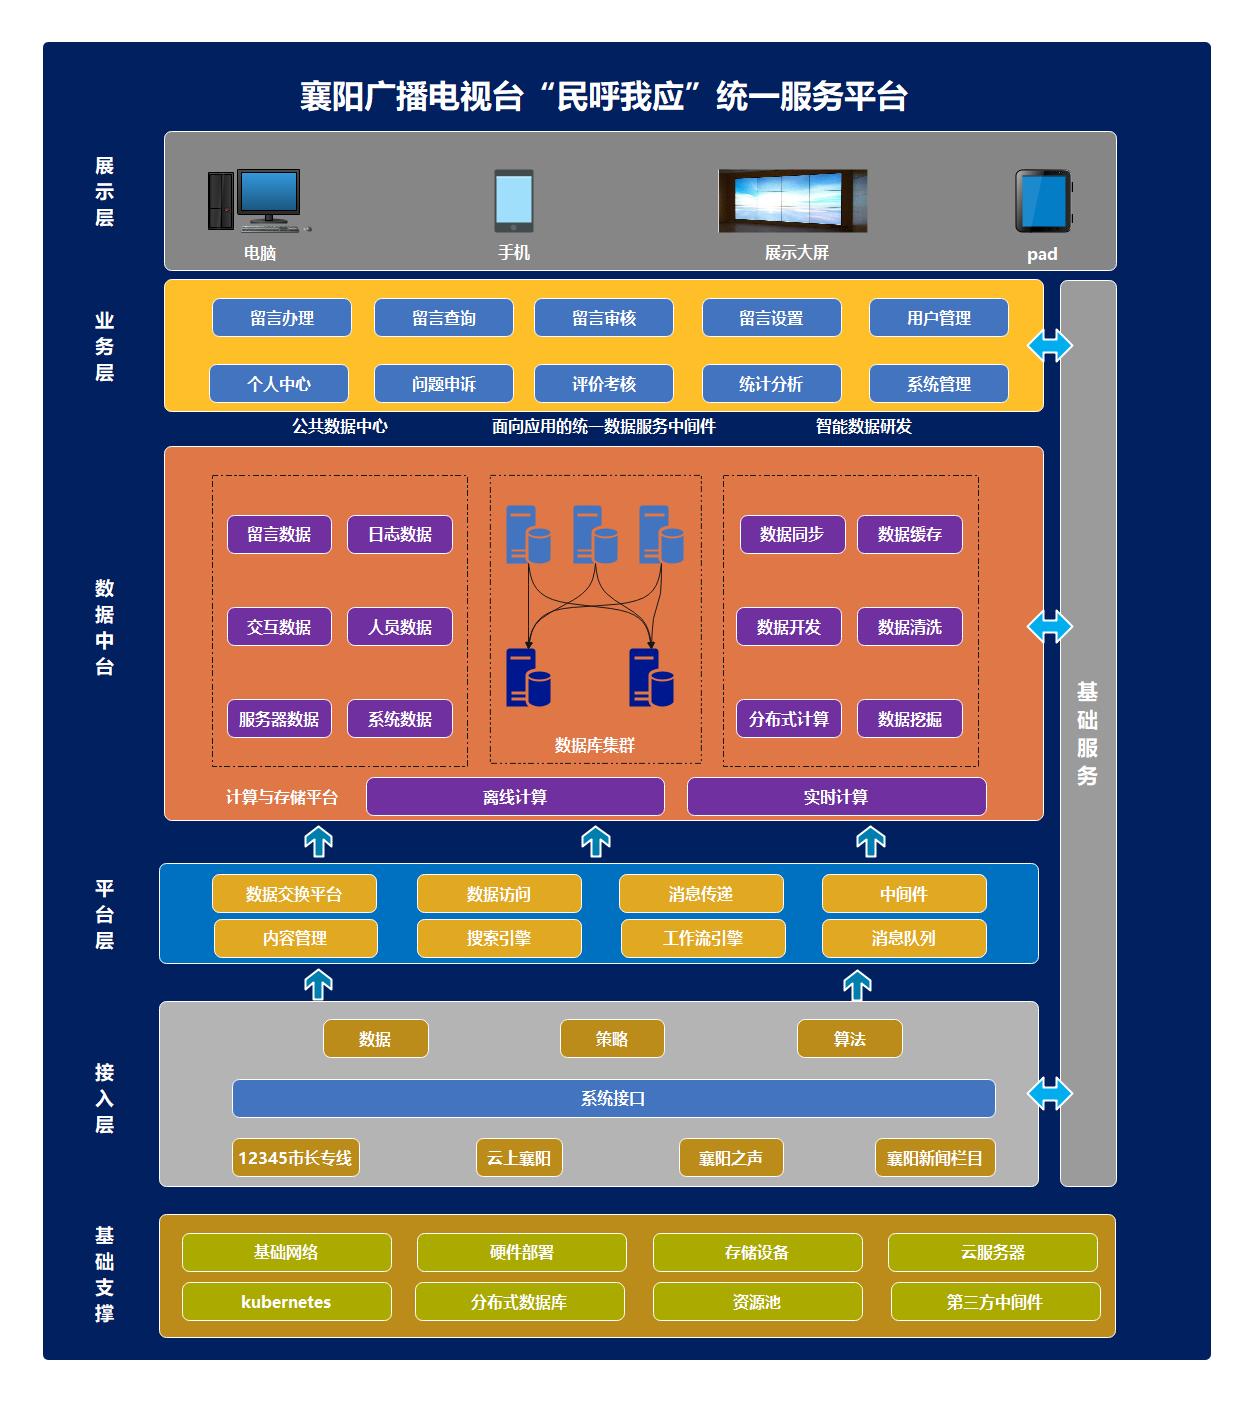 统一服务平台系统架构图(民呼我应)